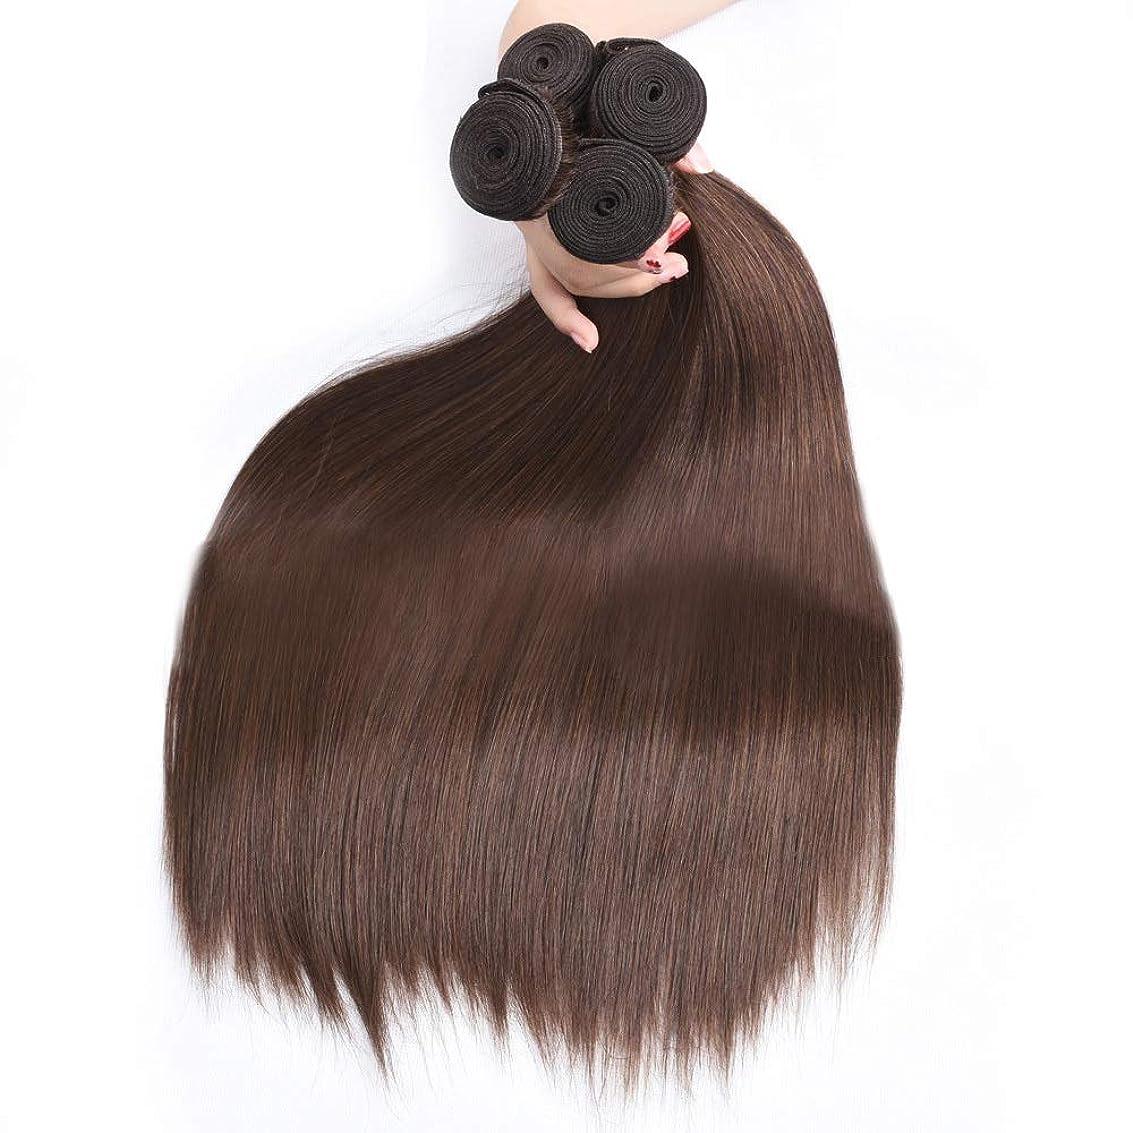 自伝空リーズHOHYLLYA 絹のようなストレートの髪の束ブラジルのストレート本物の人間の髪の毛の拡張子#4ブラウン色ナチュラルルッキング(1バンドル、10-28インチ)女性用合成かつらレースかつらロールプレイングかつら (色 : ブラウン, サイズ : 26 inch)